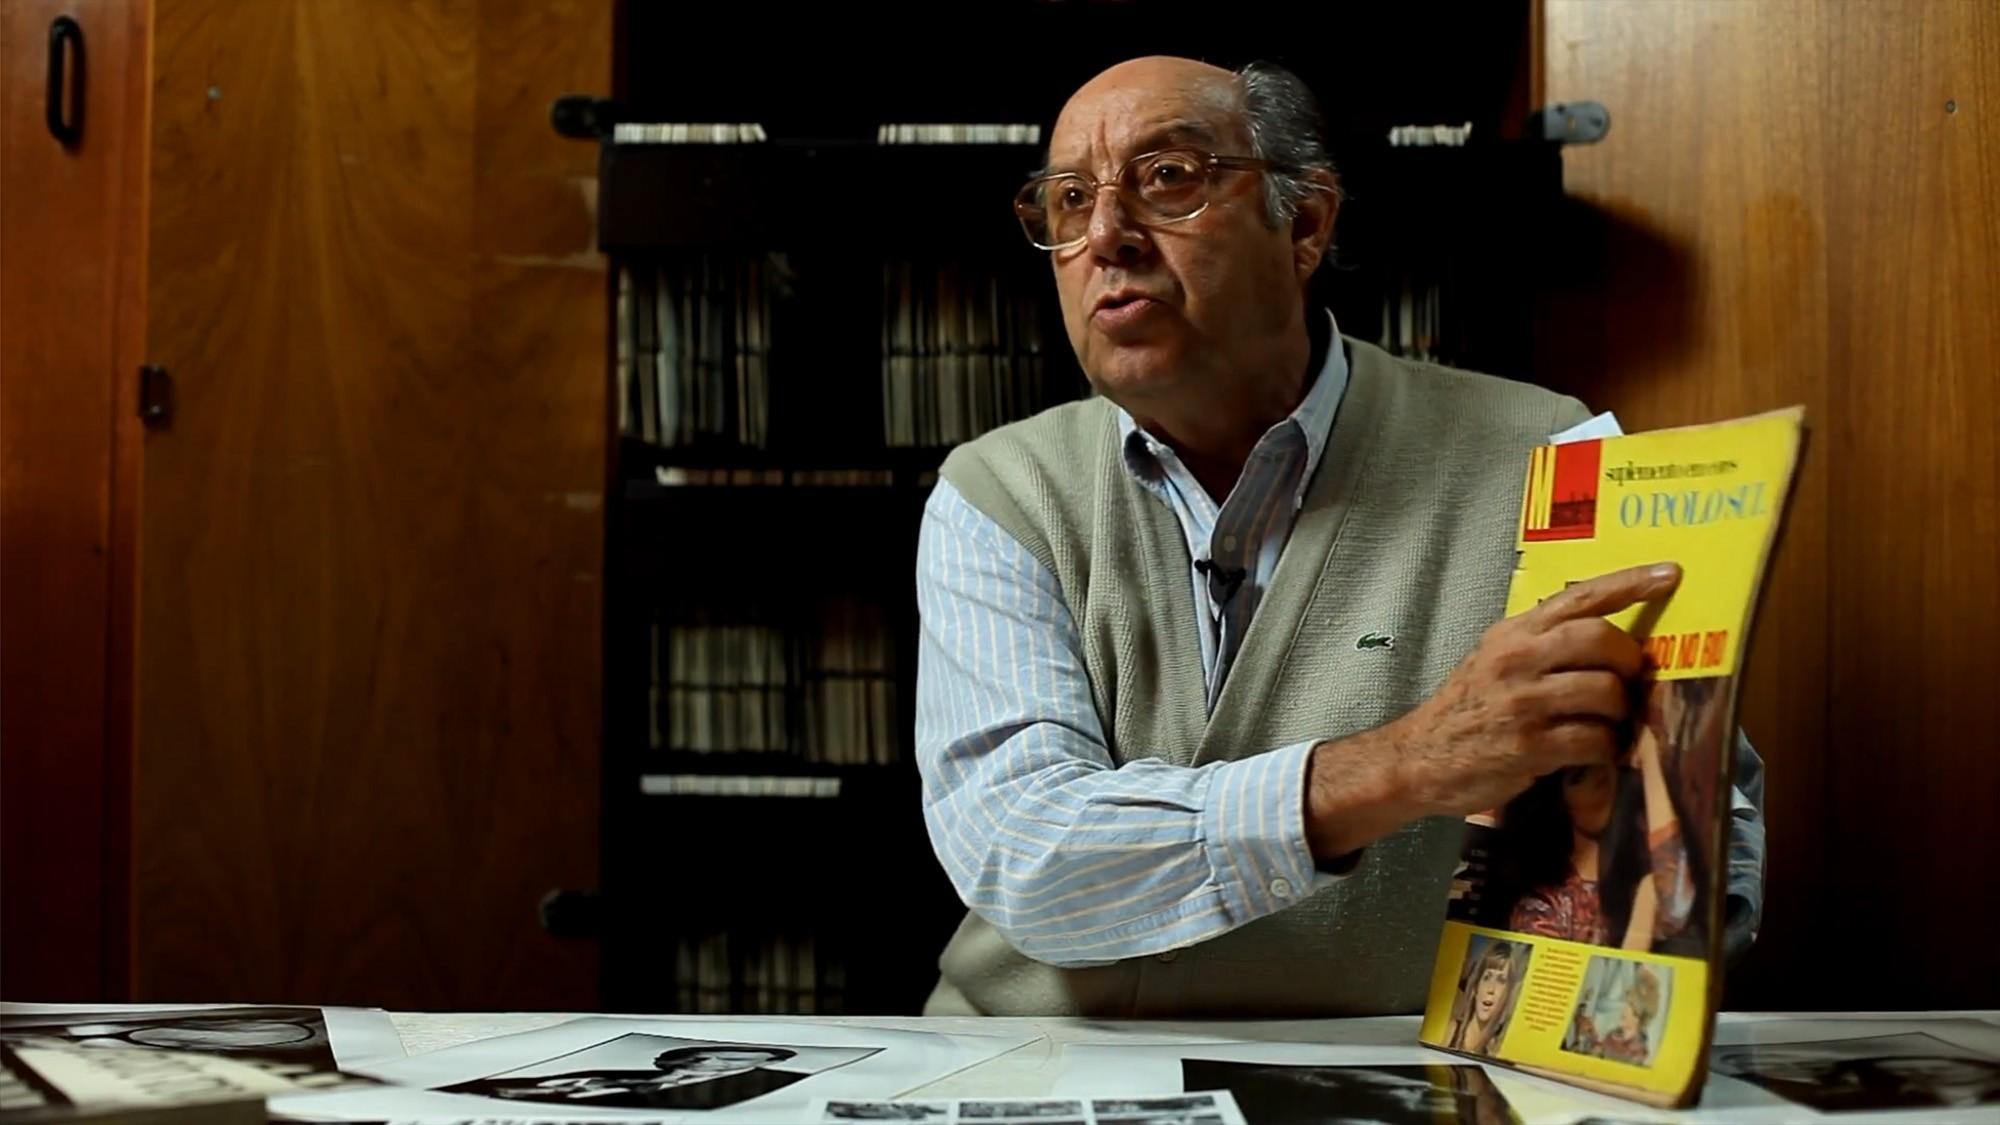 Sergio Jorge, ícone da fotografia brasileira, morre aos 83 anos, vítima de Covid-19